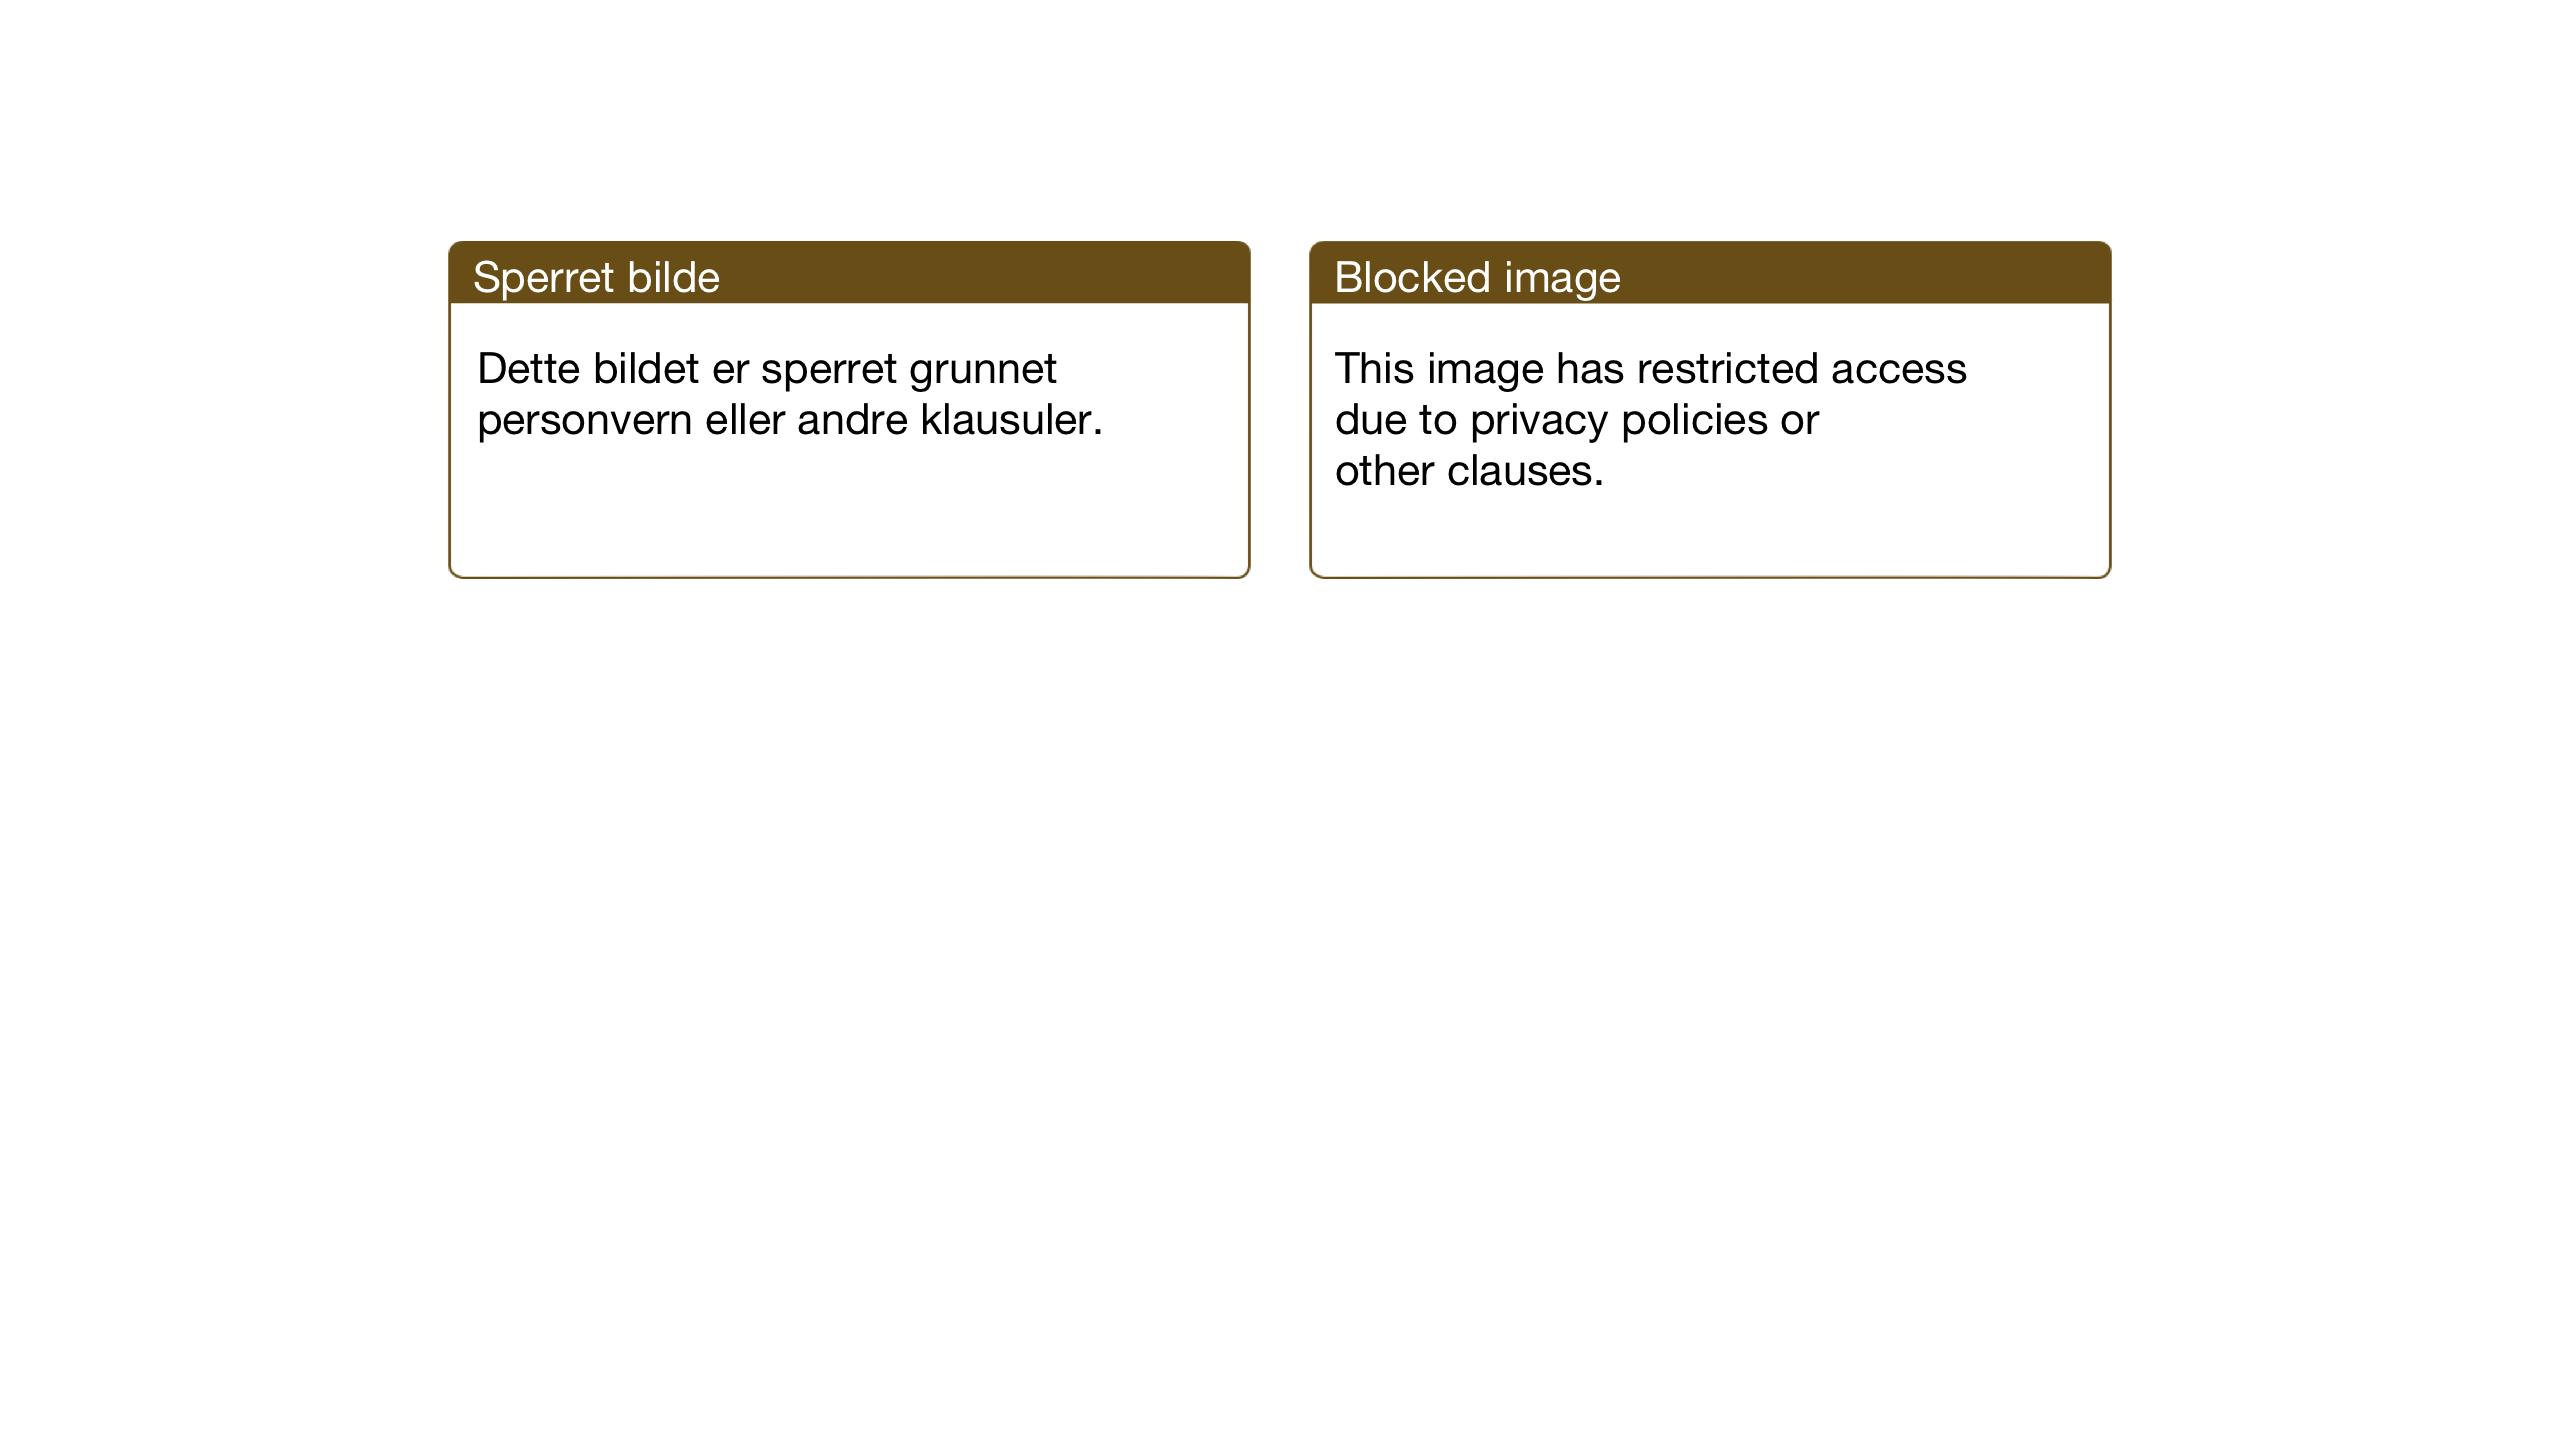 SAT, Ministerialprotokoller, klokkerbøker og fødselsregistre - Sør-Trøndelag, 682/L0947: Klokkerbok nr. 682C01, 1926-1968, s. 54